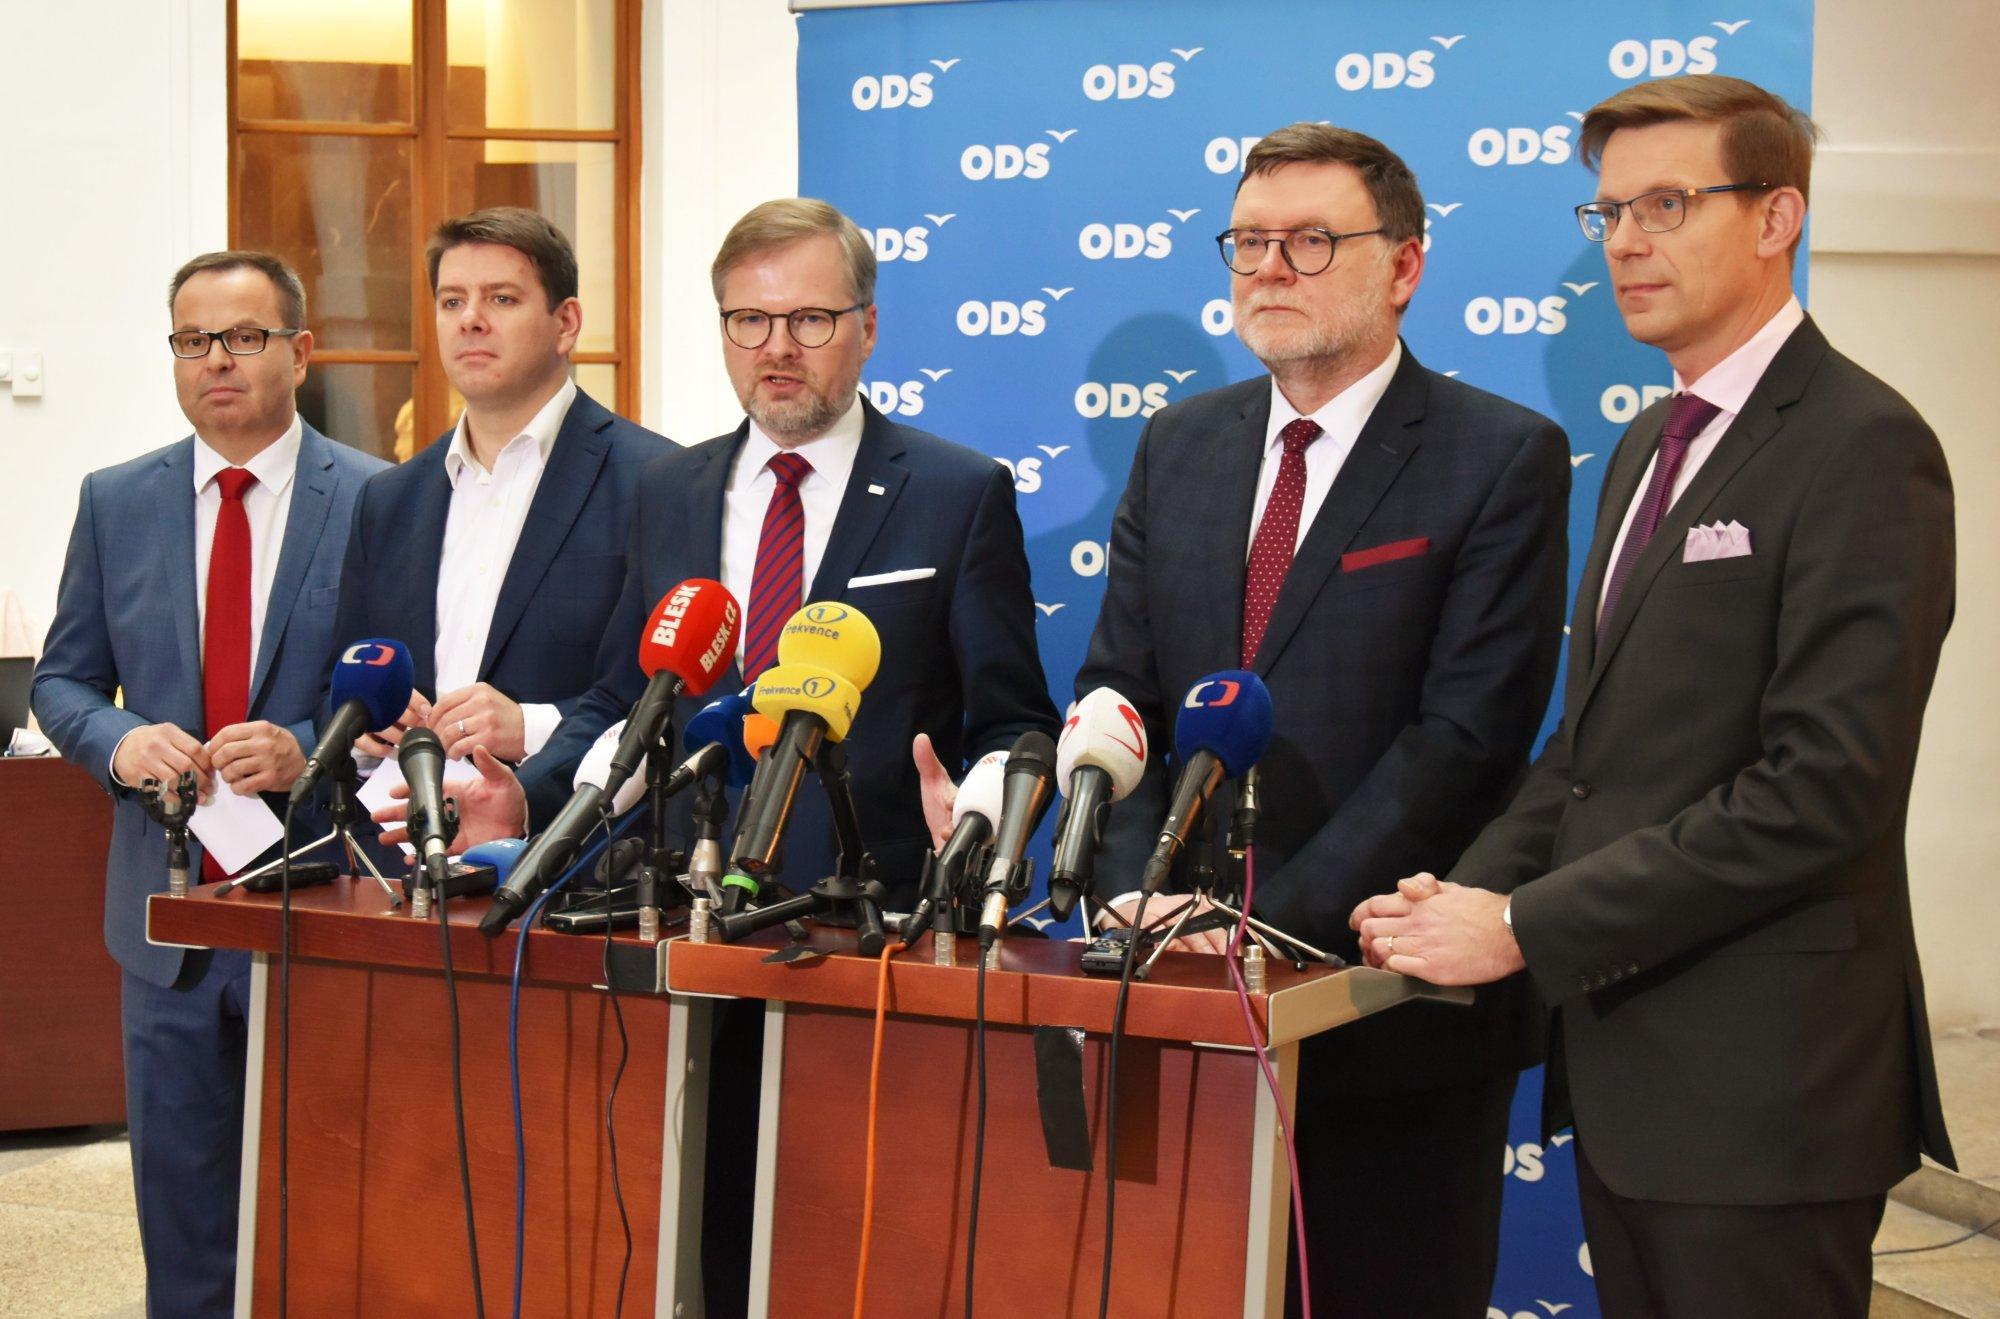 ODS: Vláda projednává tři zákony ze Záchranného kruhu ODS